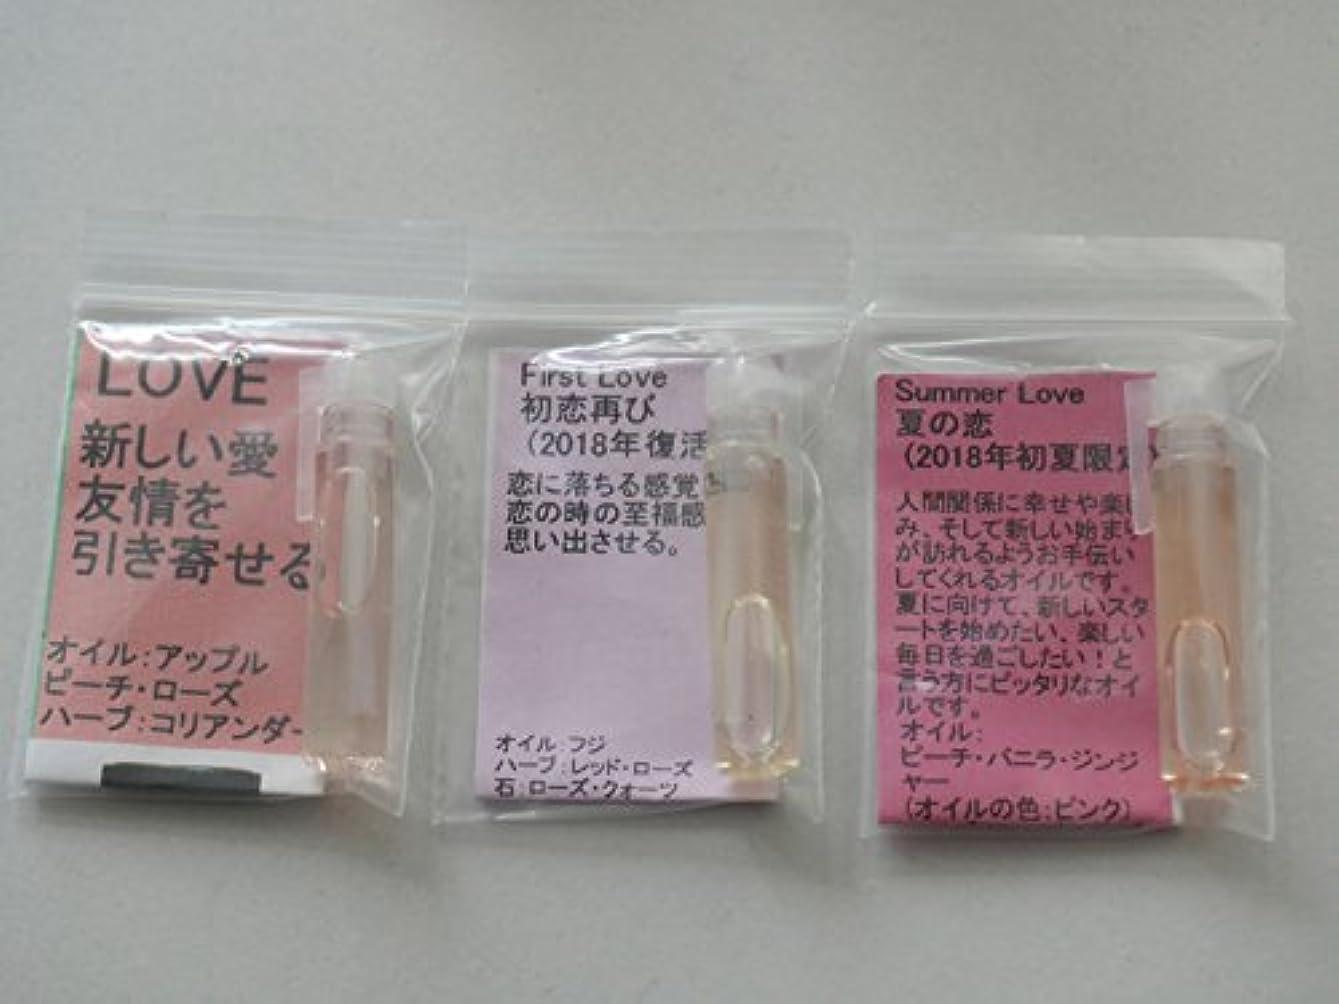 冒険なくなる高層ビルアンシェントメモリーオイル LOVEコンプリートコレクション 小分け3種セット【アンシェントメモリーオイルのLOVEと名前の付くアイテムをセットしました。LOVE?FirstLove?SummerLove】